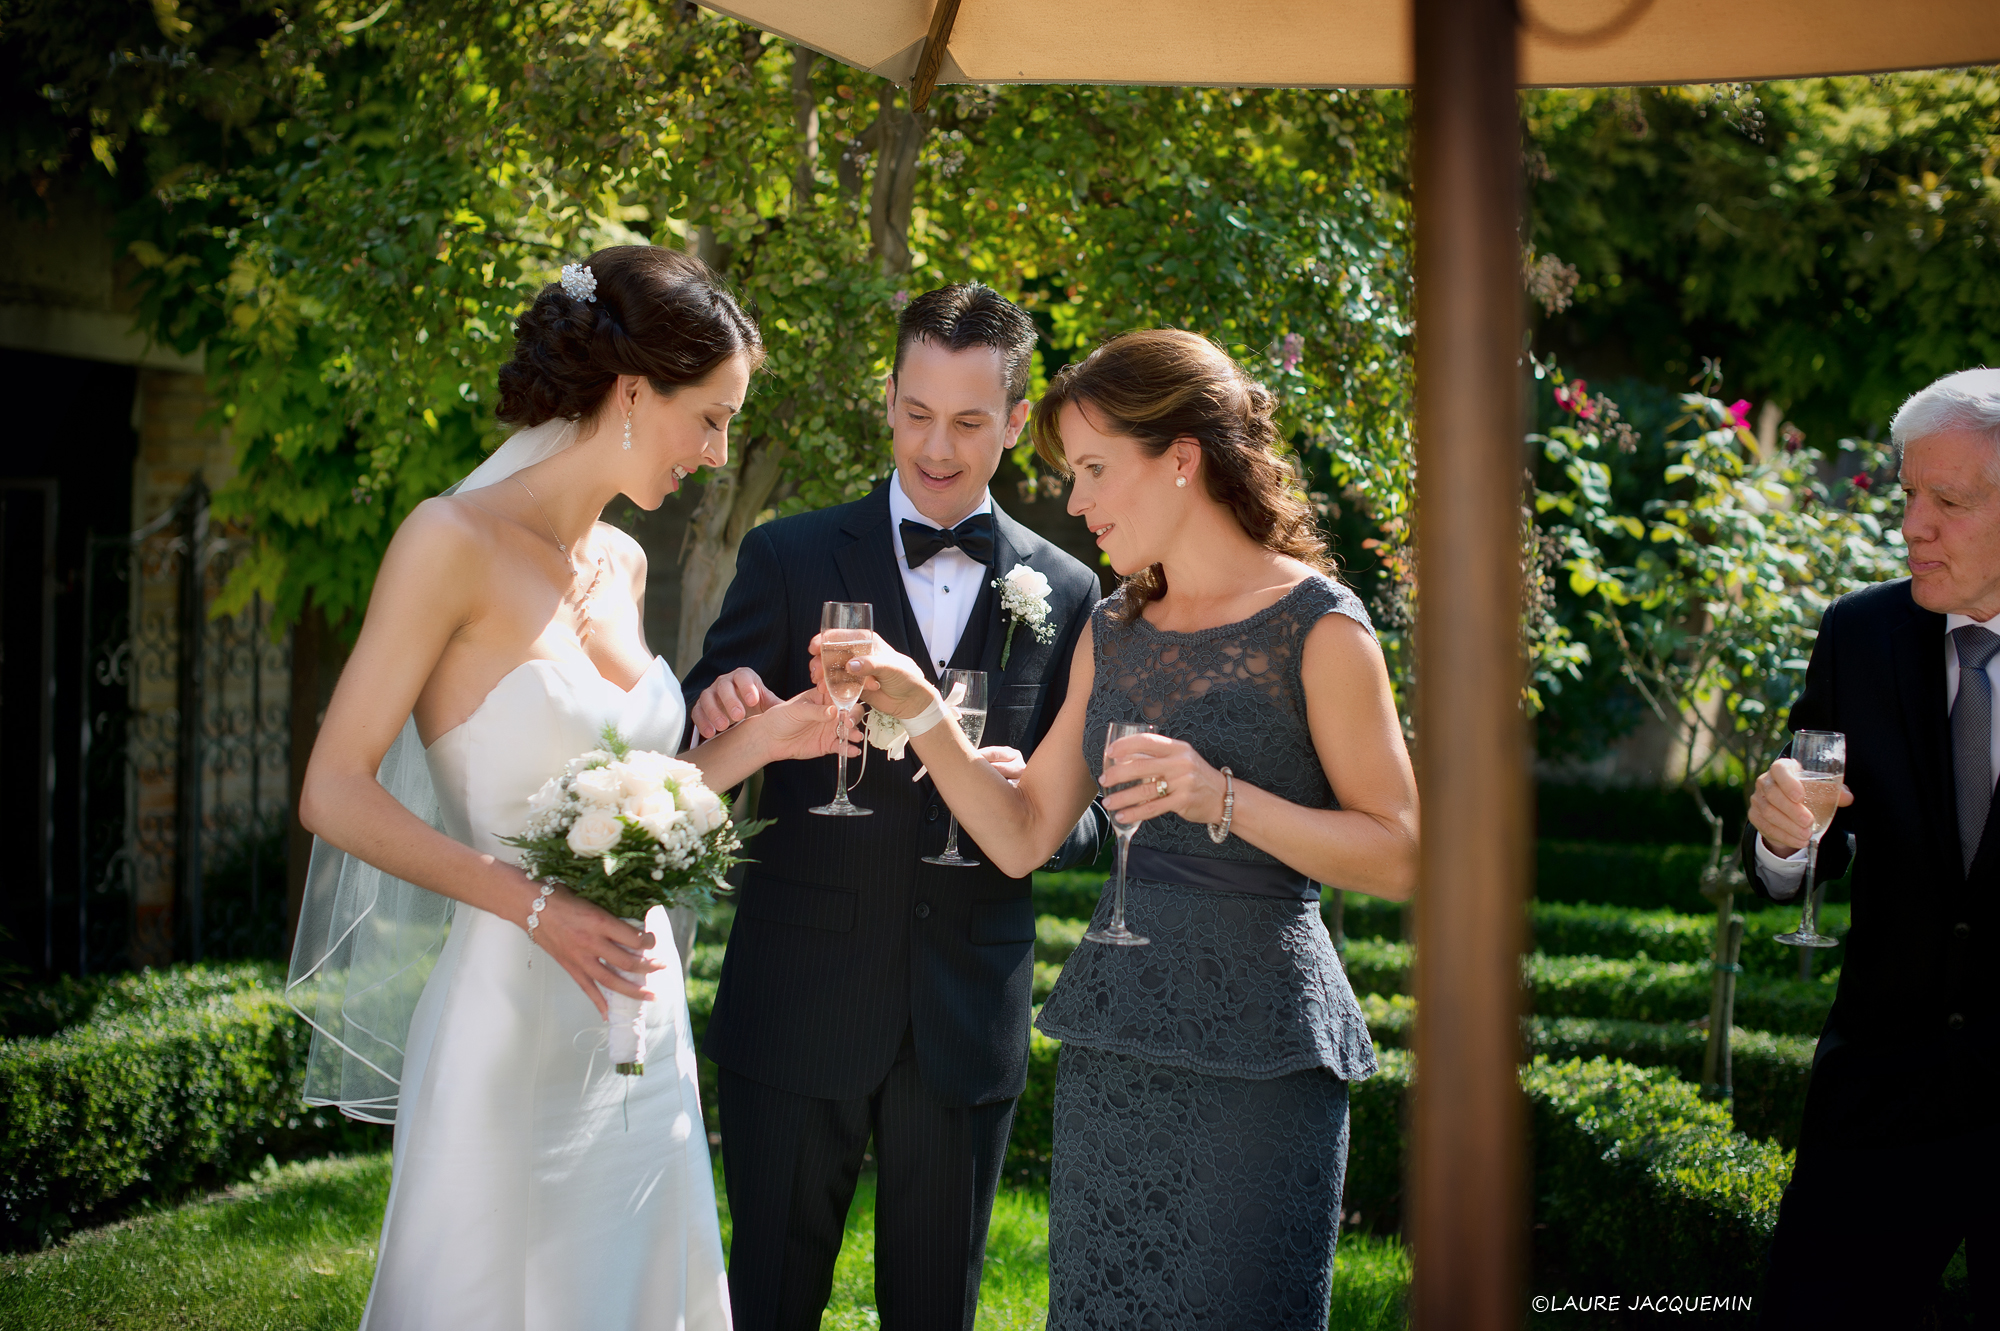 venise mariage photographe laure Jacquemin simbolique jardin venitien gondole (85)